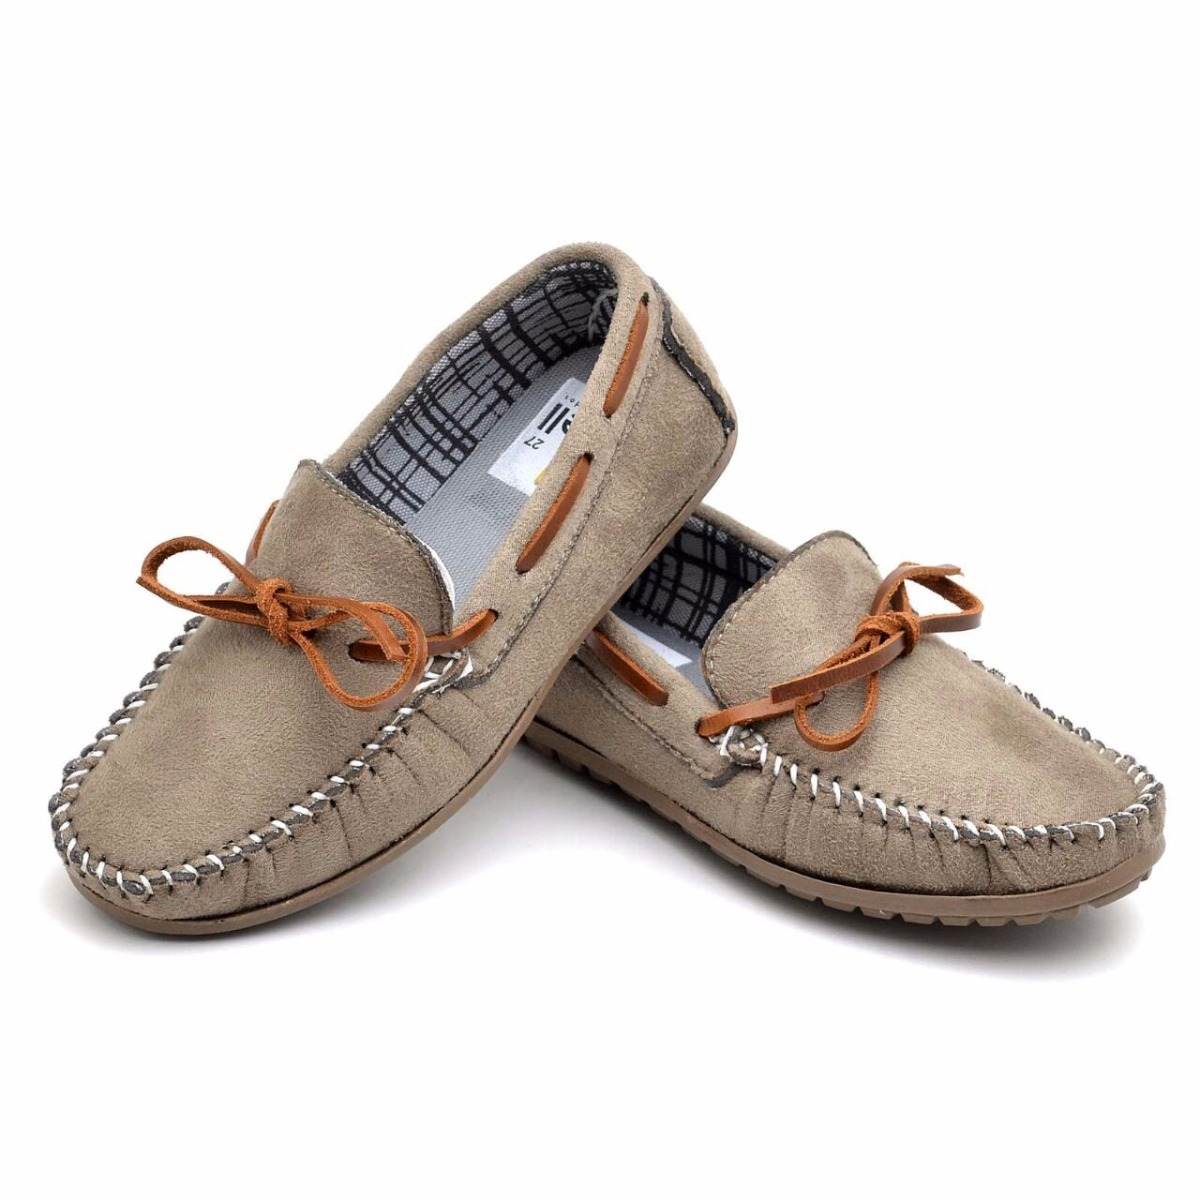 a4effb94f4 sapato mocassim masculino infantil camurça conforte kids. Carregando zoom.